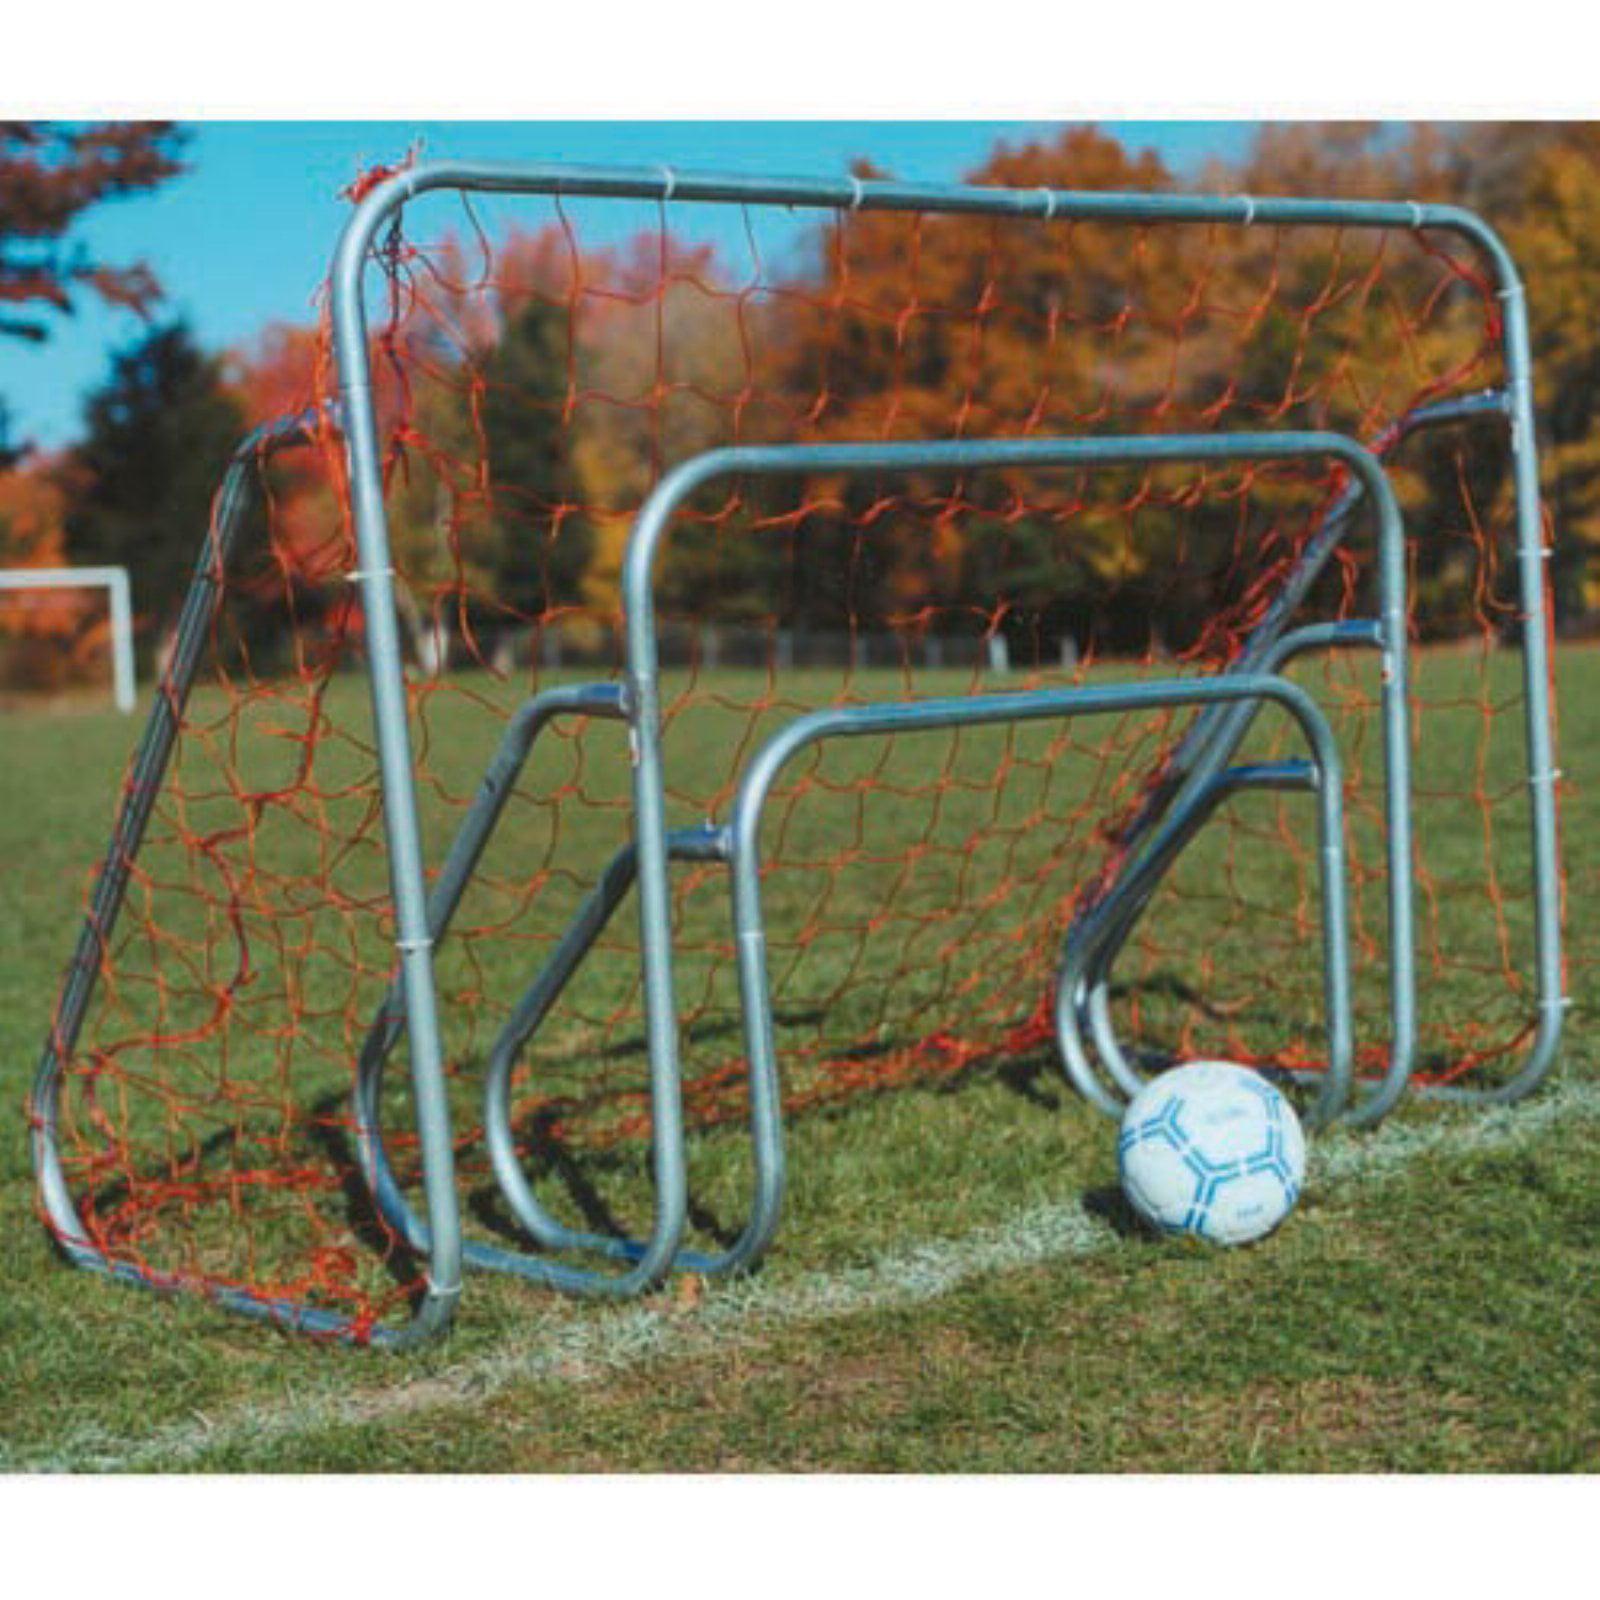 Goal Sporting Goods Small-Sided Steel Folding Soccer Goal